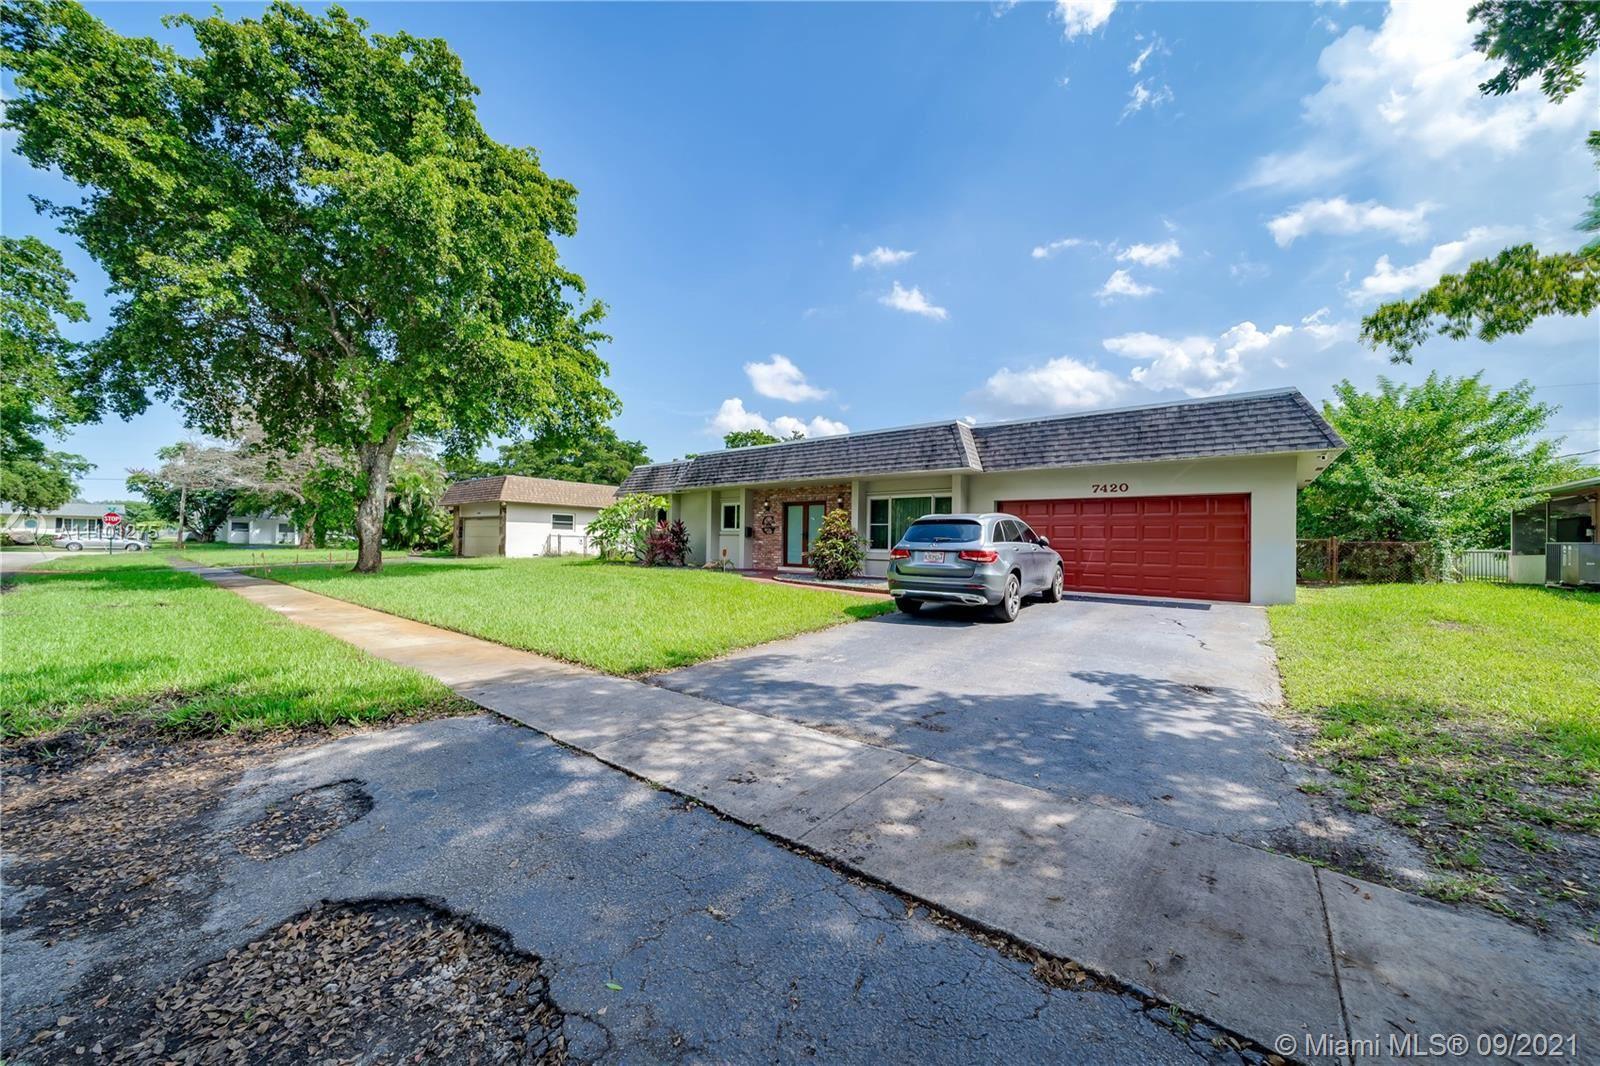 7420 NW 13th St, Plantation, FL 33313 - #: A11101275